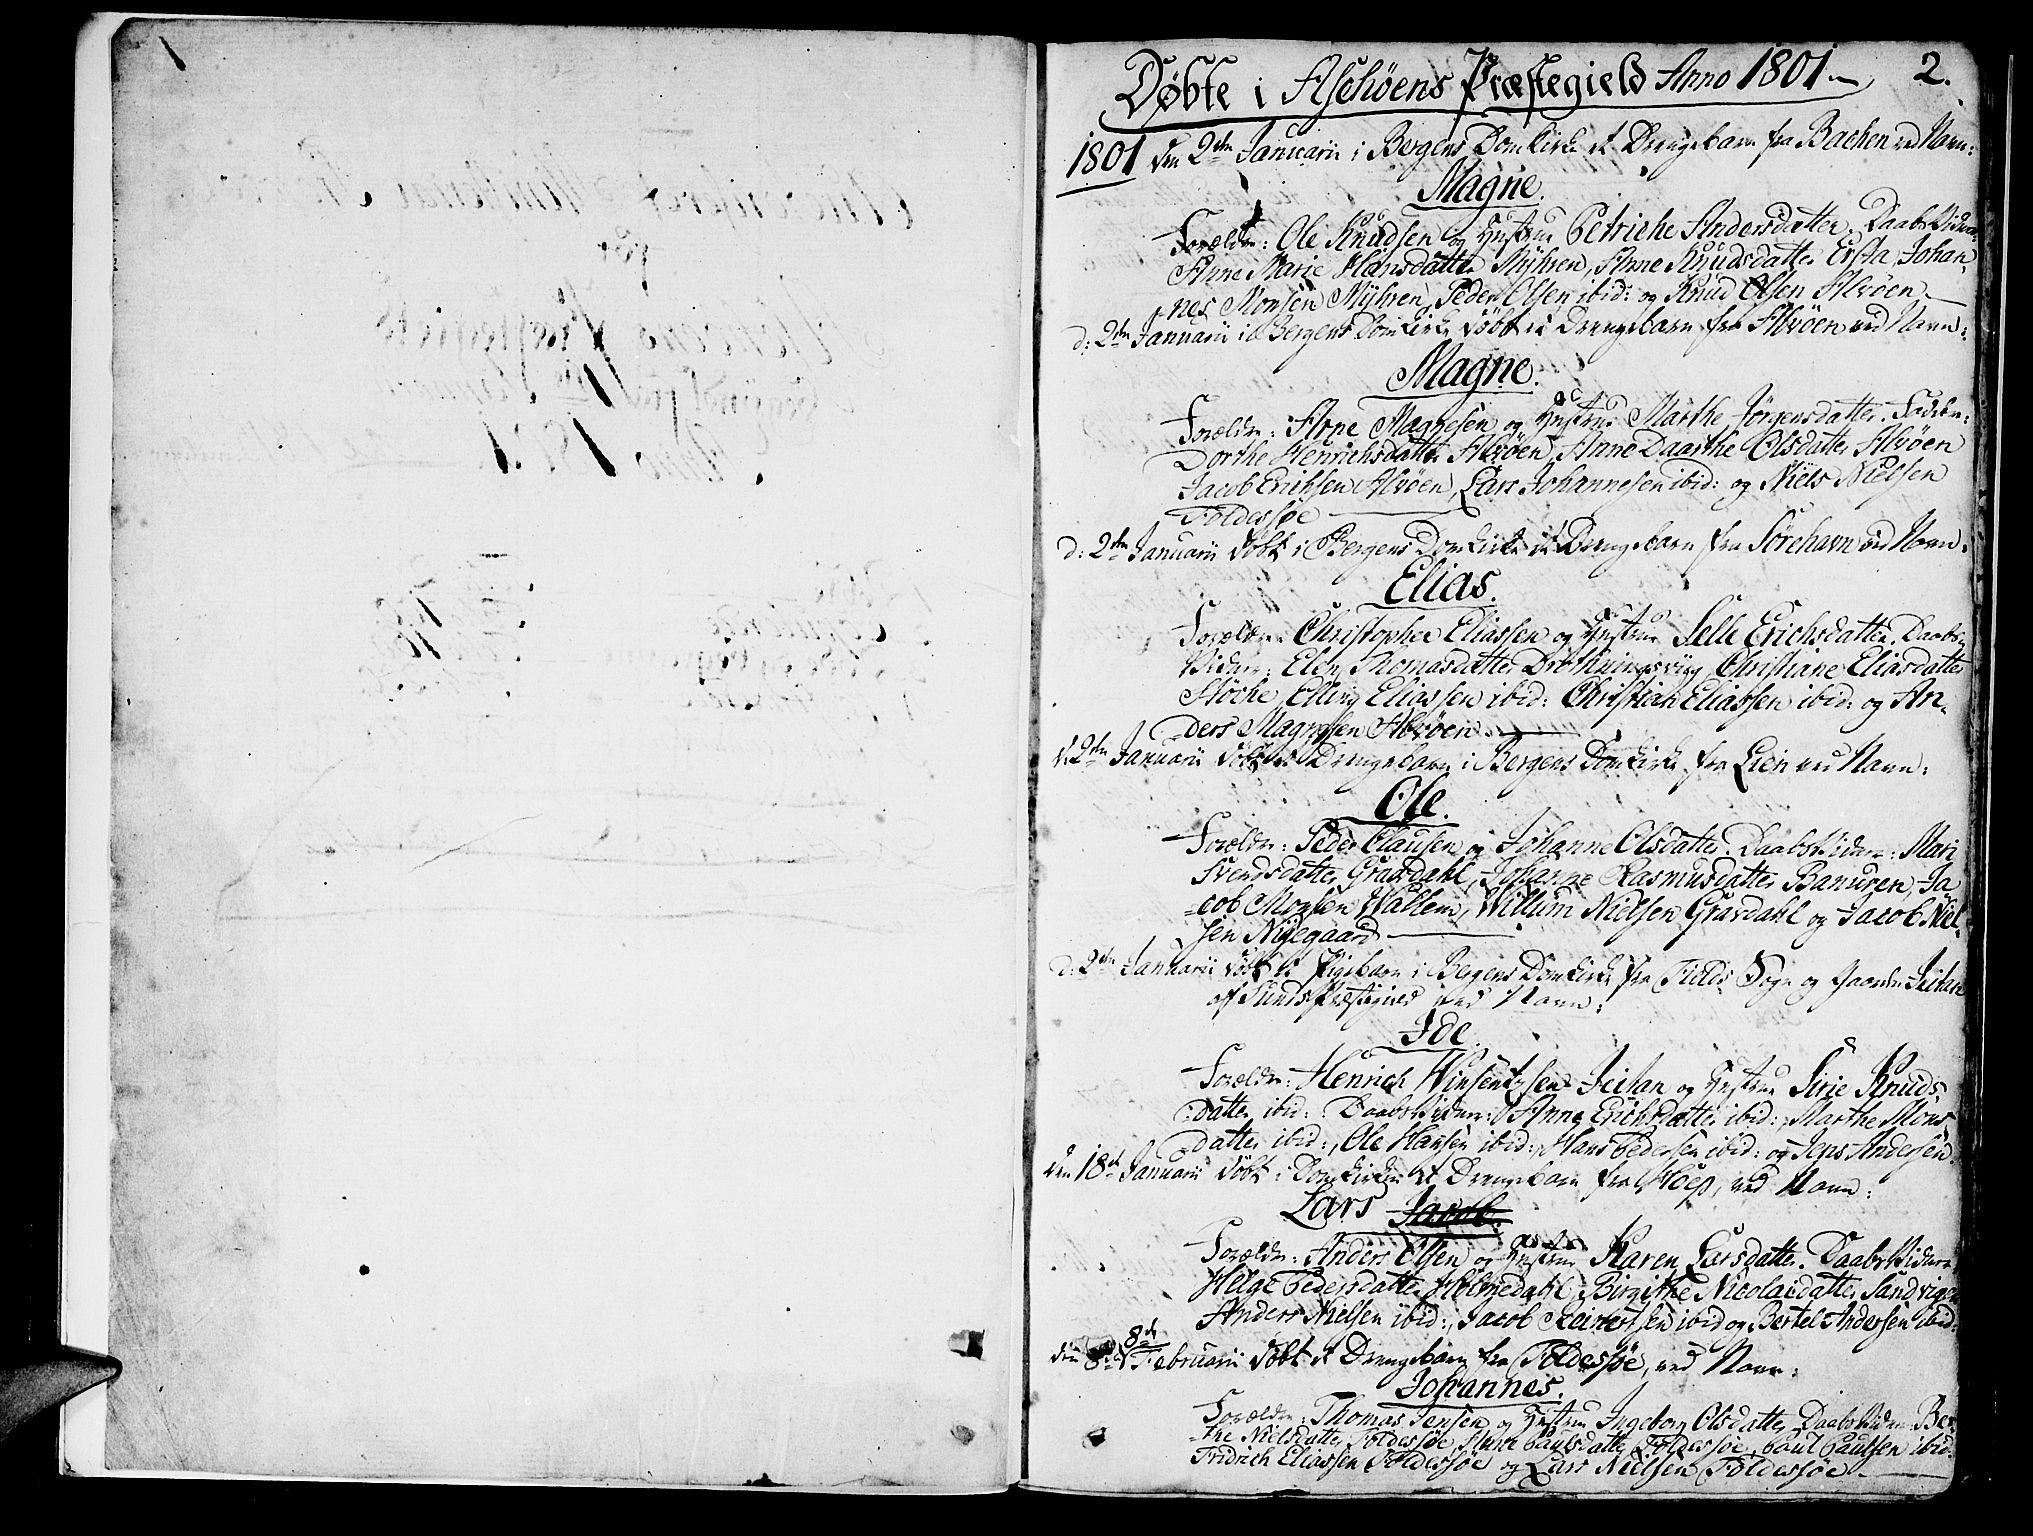 SAB, Askøy Sokneprestembete, H/Ha/Haa/Haaa/L0002: Ministerialbok nr. A 2, 1801-1818, s. 2